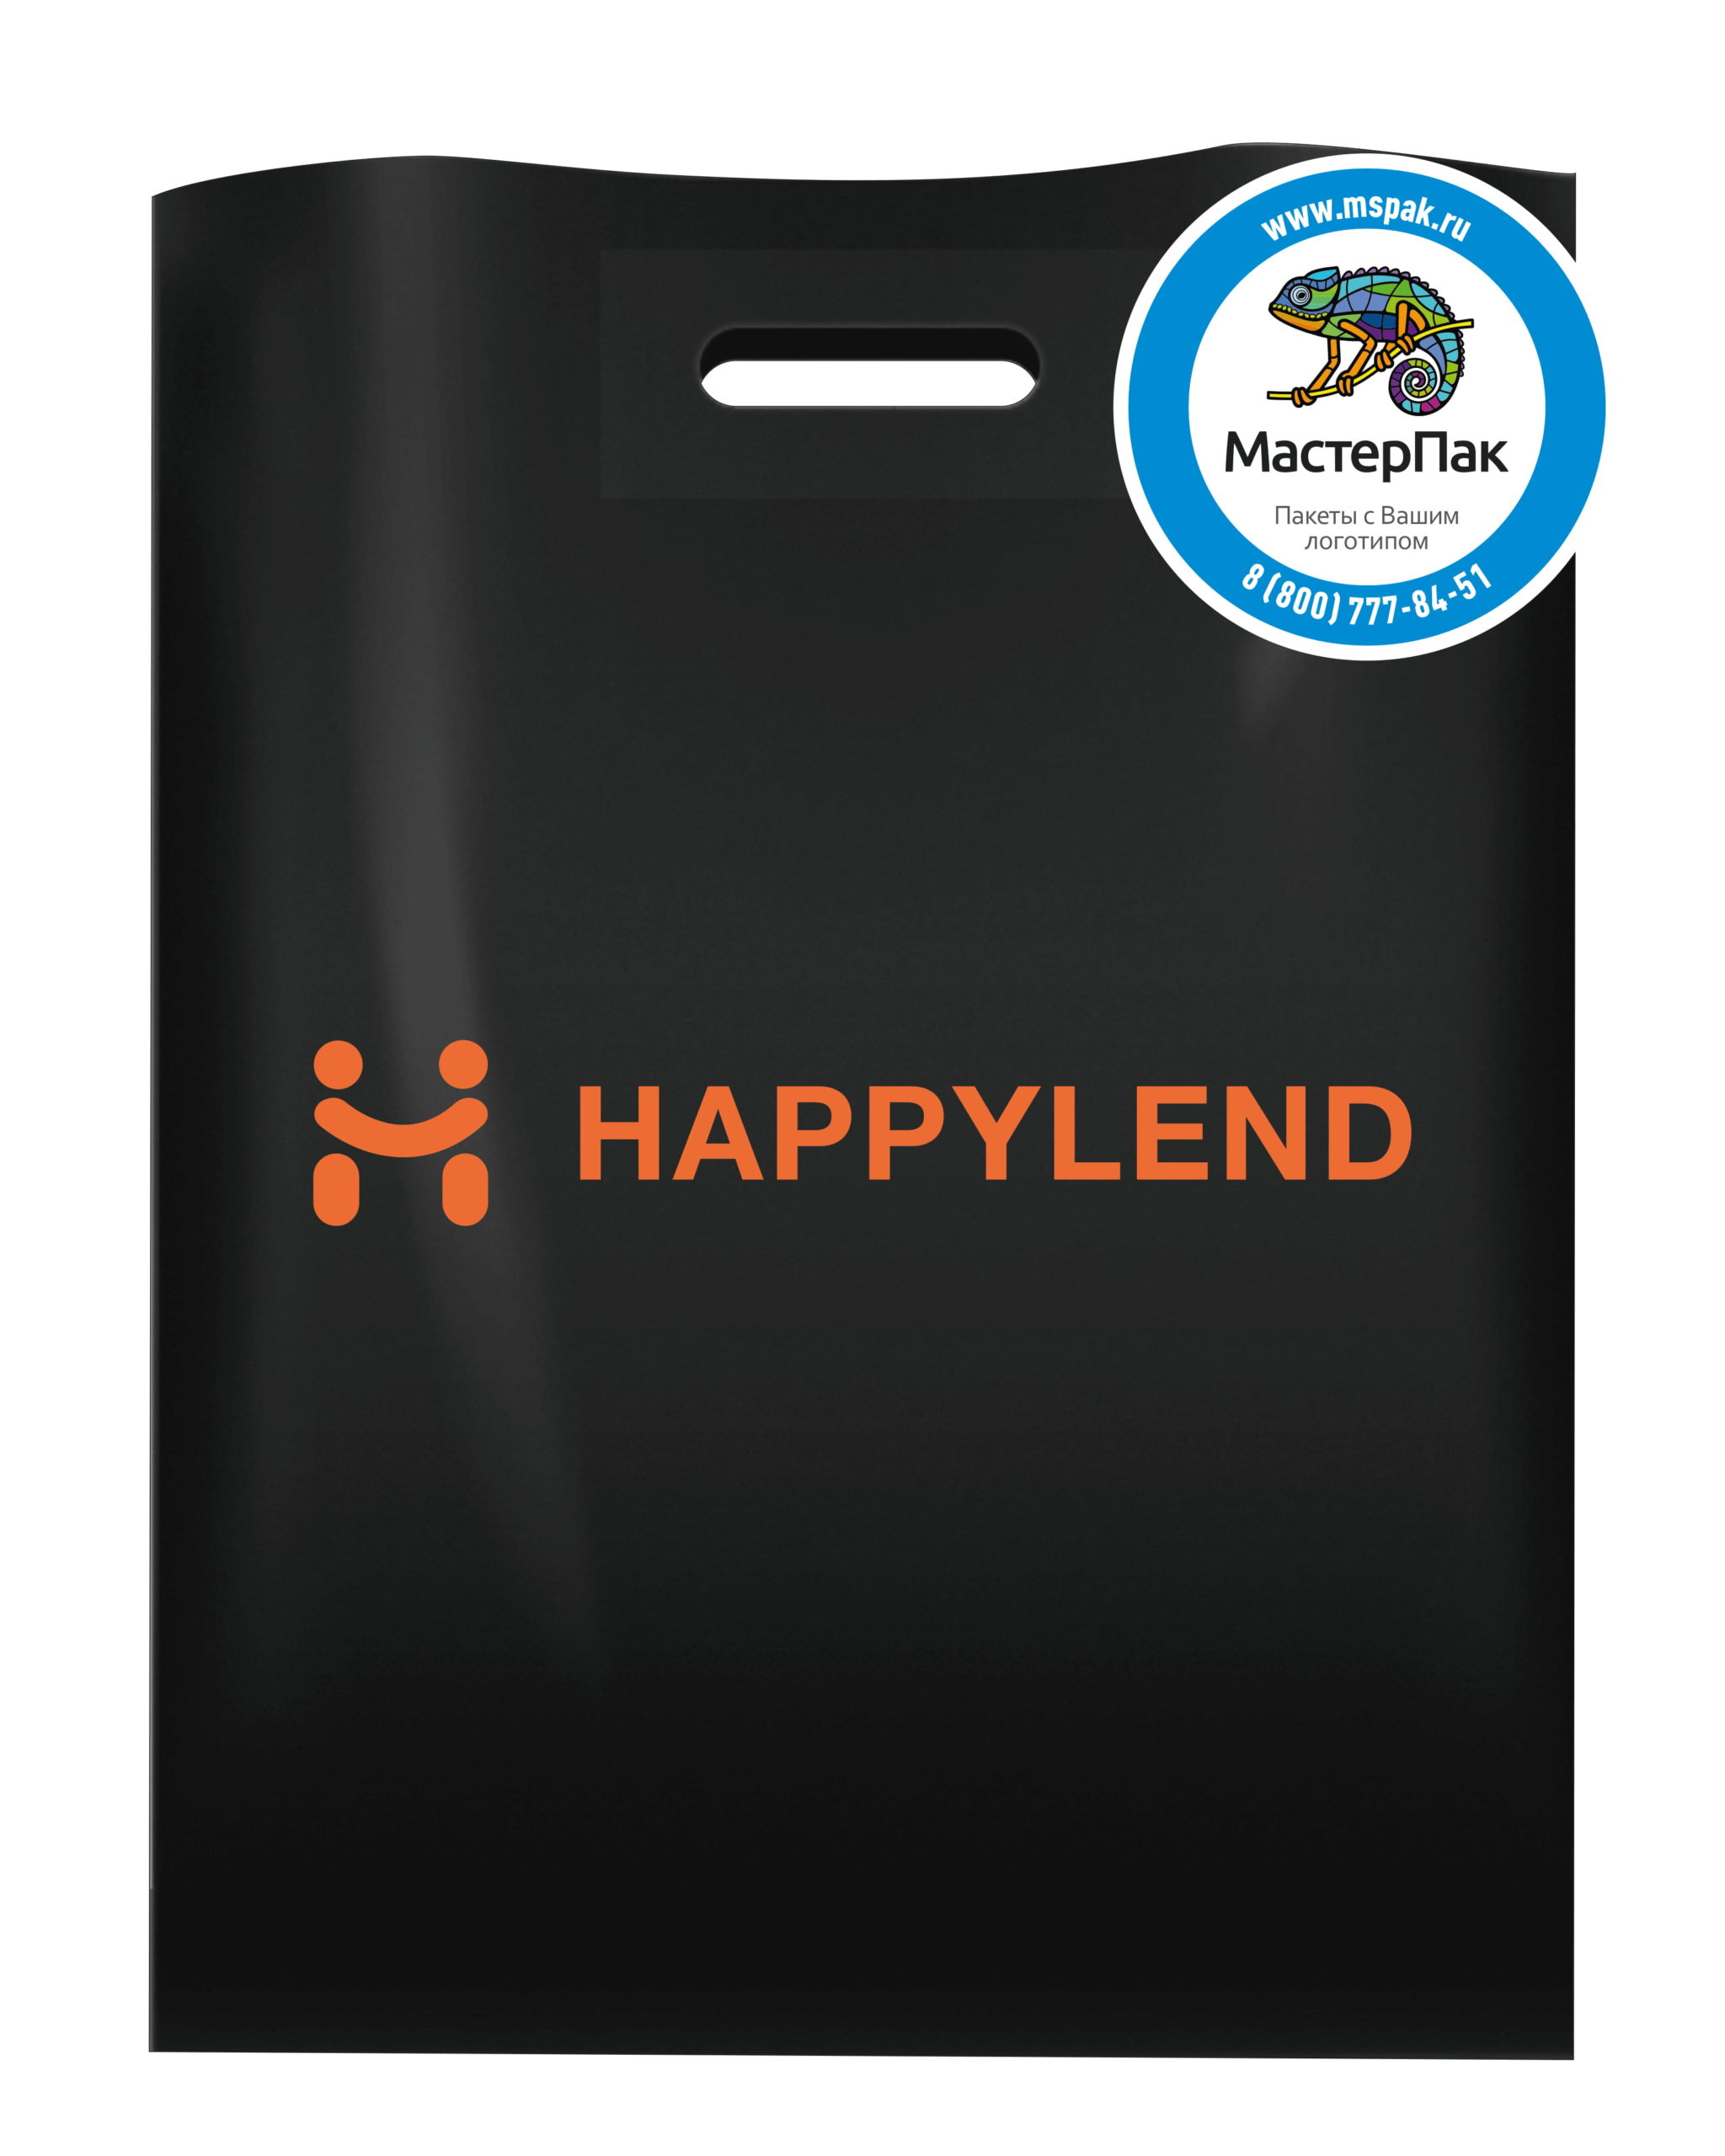 Пакет ПВД с вырубной ручкой и логотипом HappyLend, Москва, 70 мкм